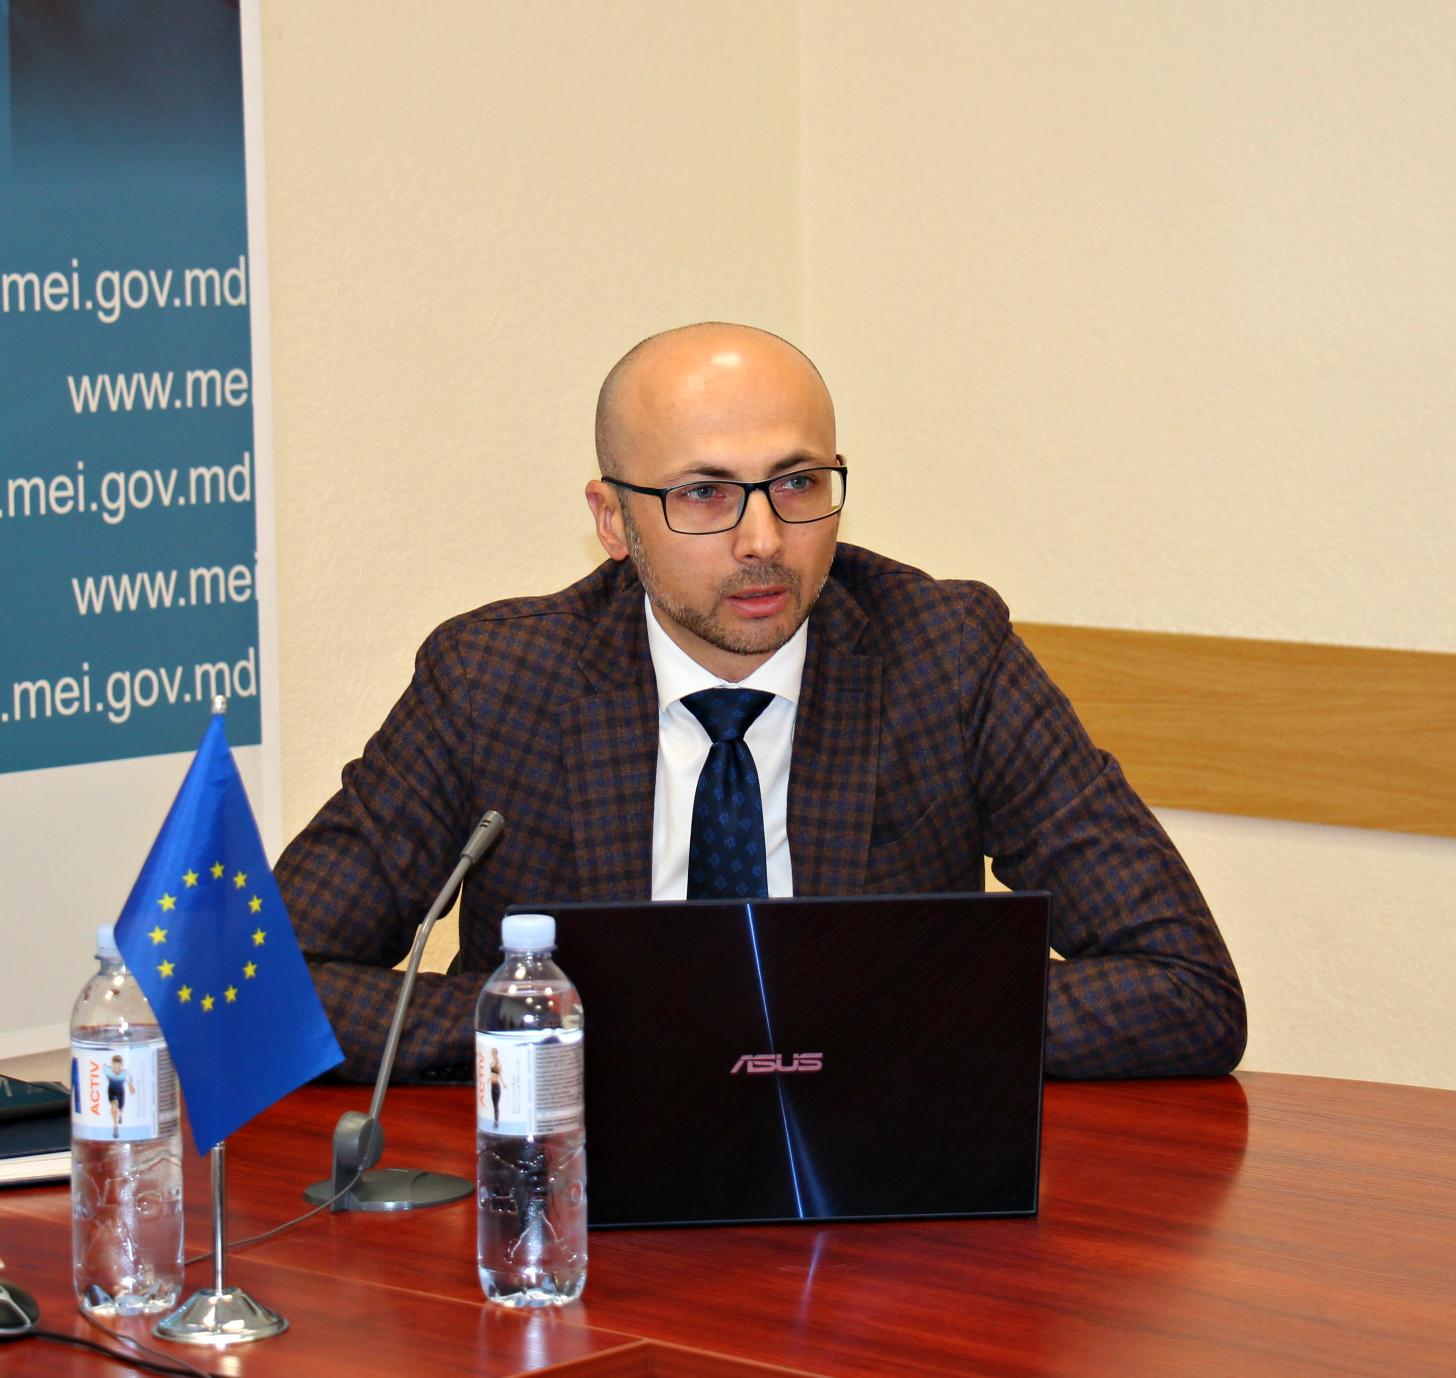 Vectorul gazului. Cum Moldova va obține independența energetică datorită gazoductului Ungheni-Chișinău